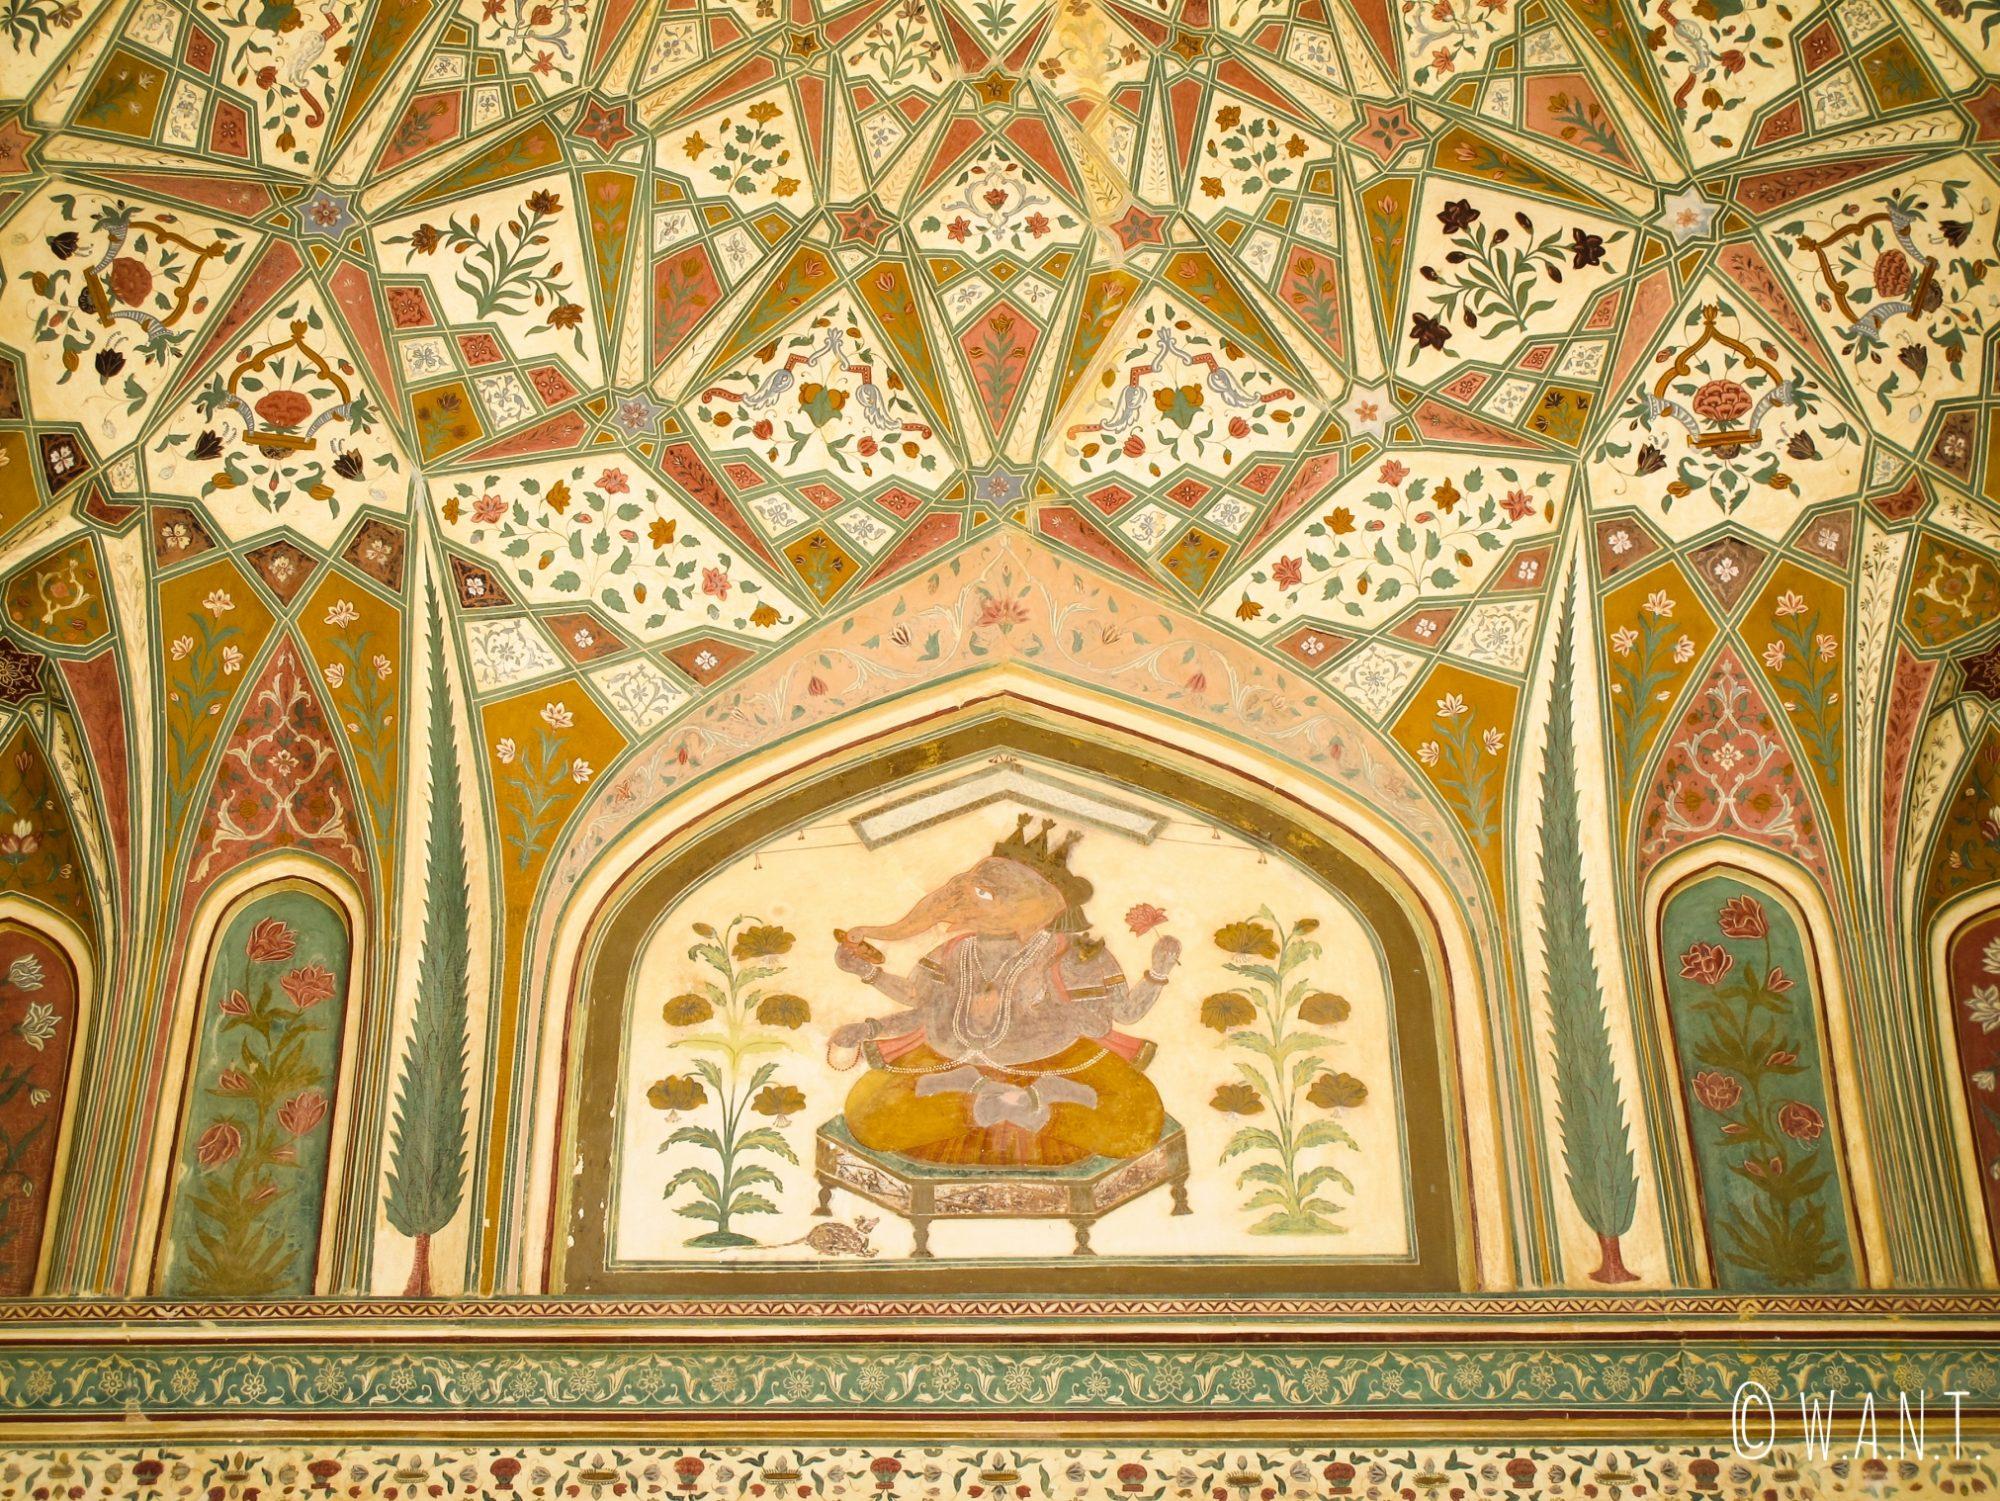 Magnifique fresque murale sur les murs du Fort d'Amber de Jaipur